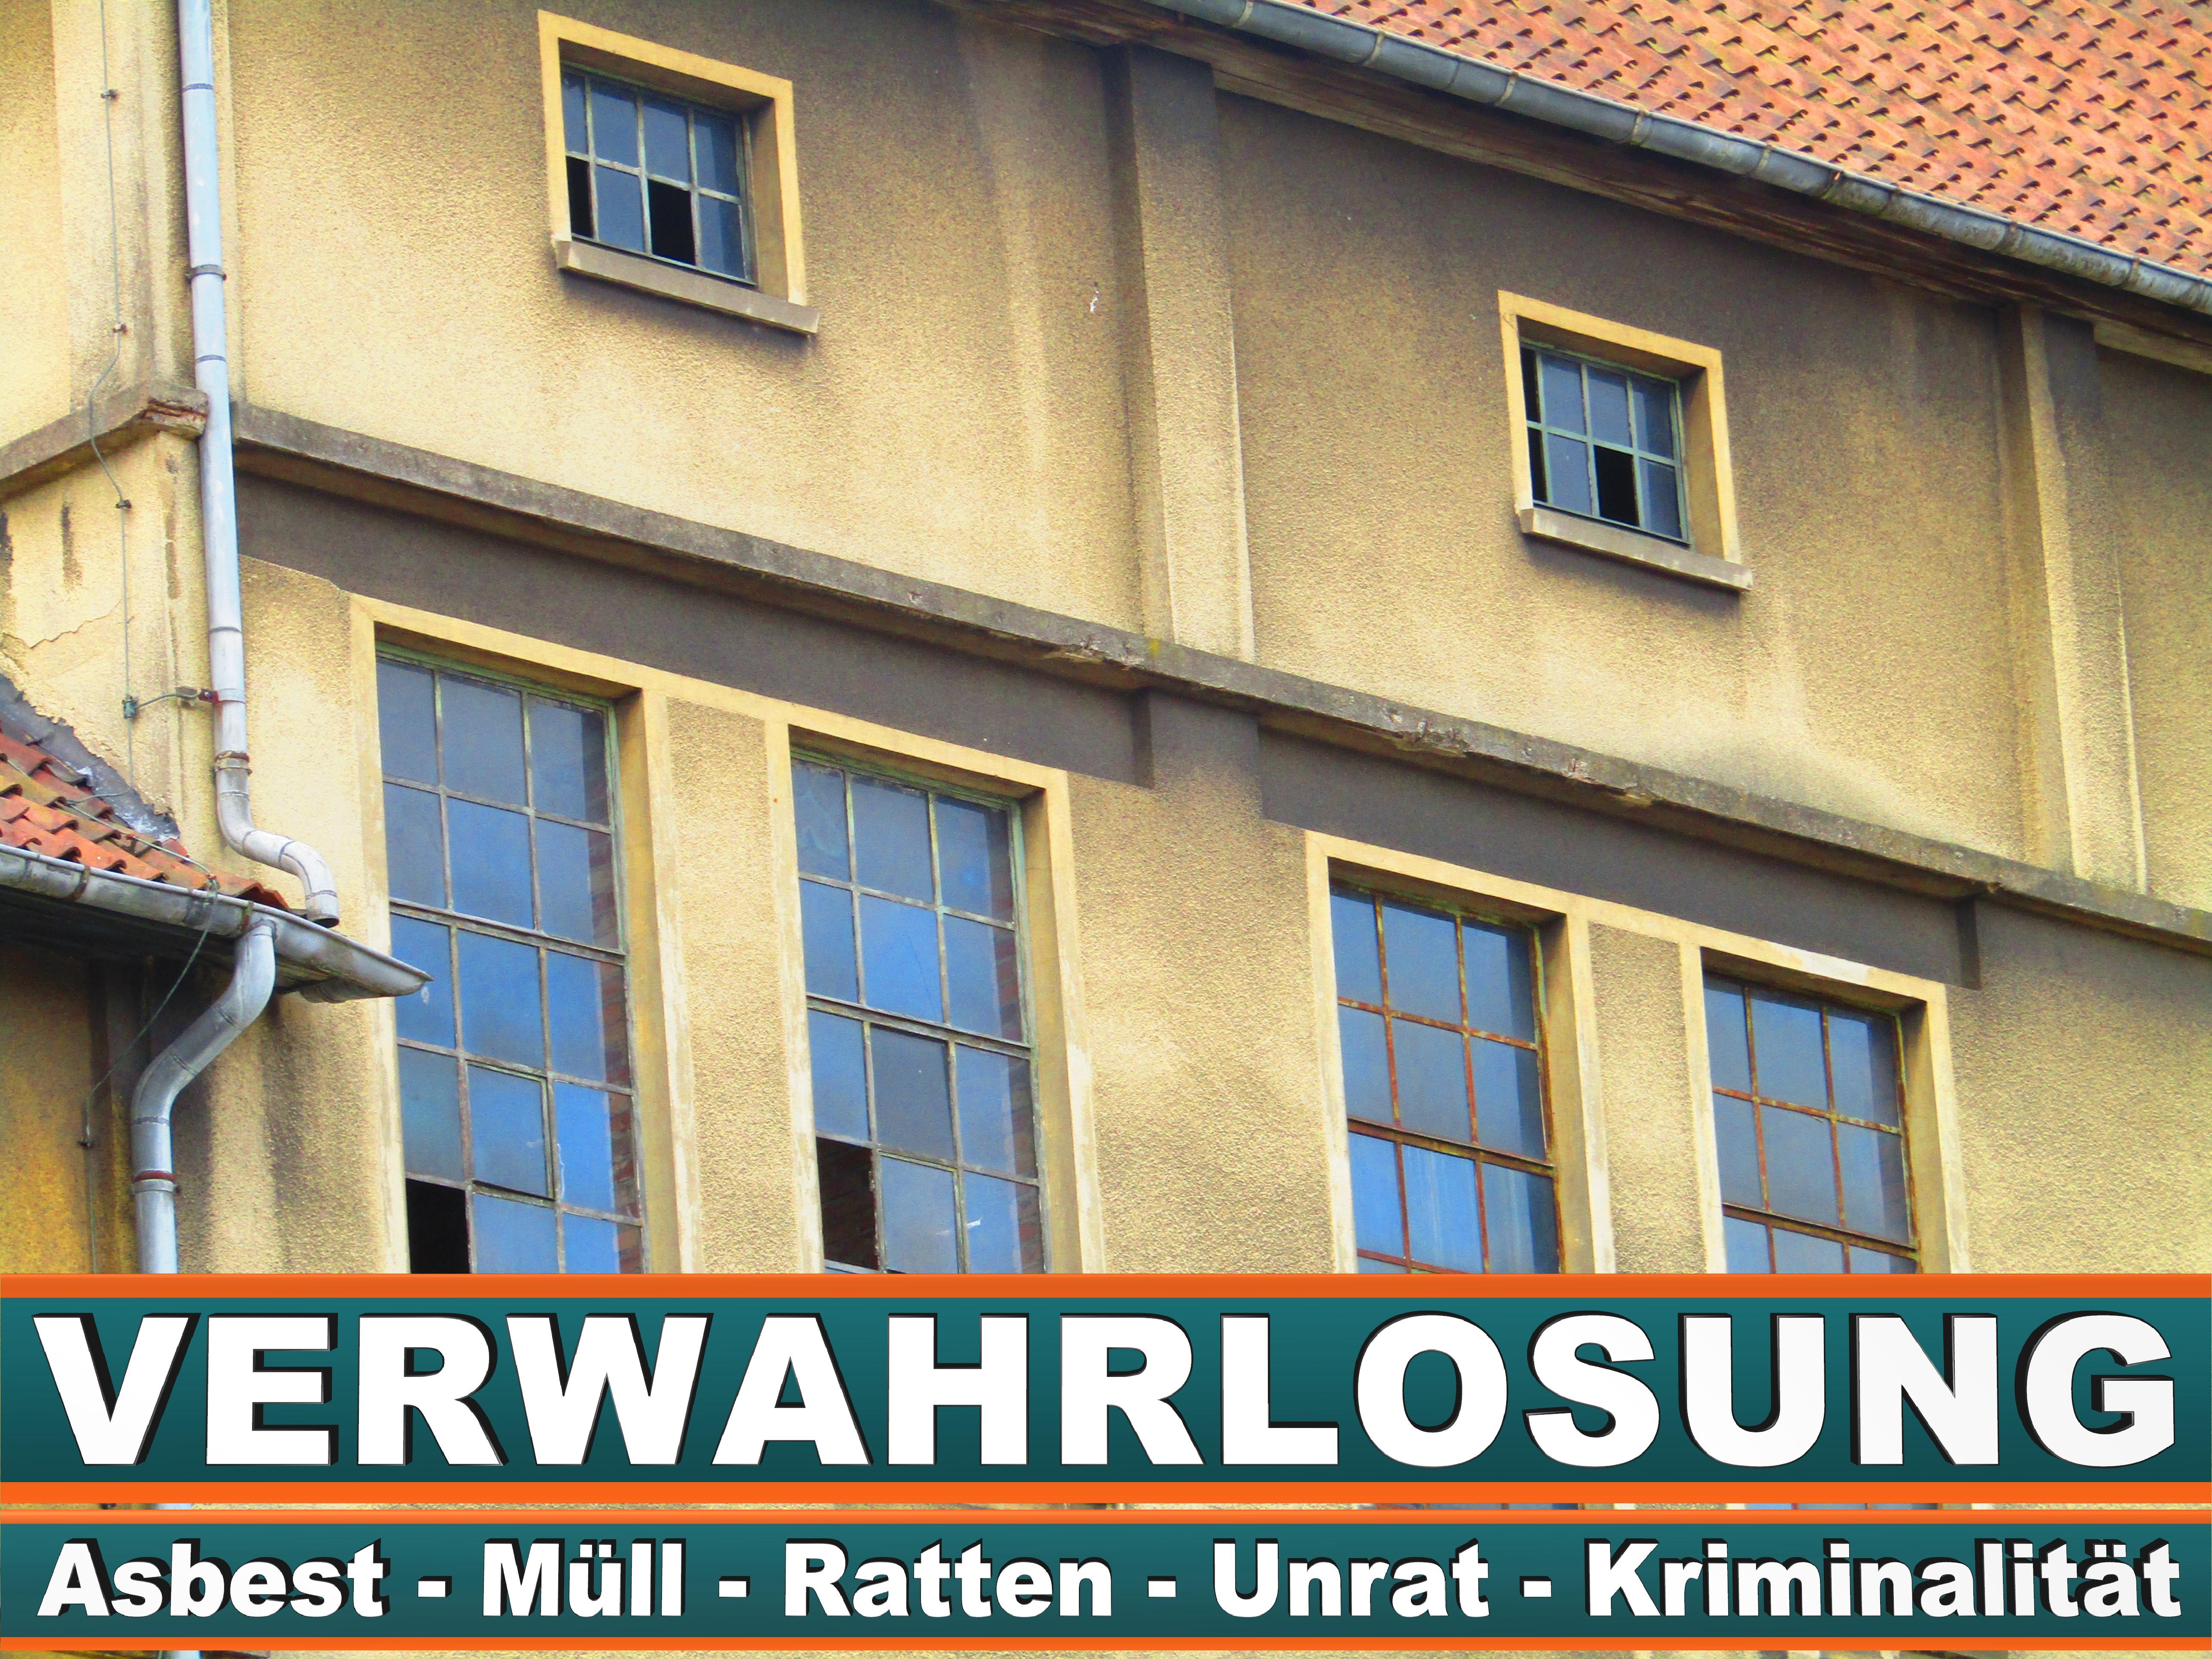 KLUSMANN DIRK KLUSMANN SENNER HELLWEG 44B BIELEFELD